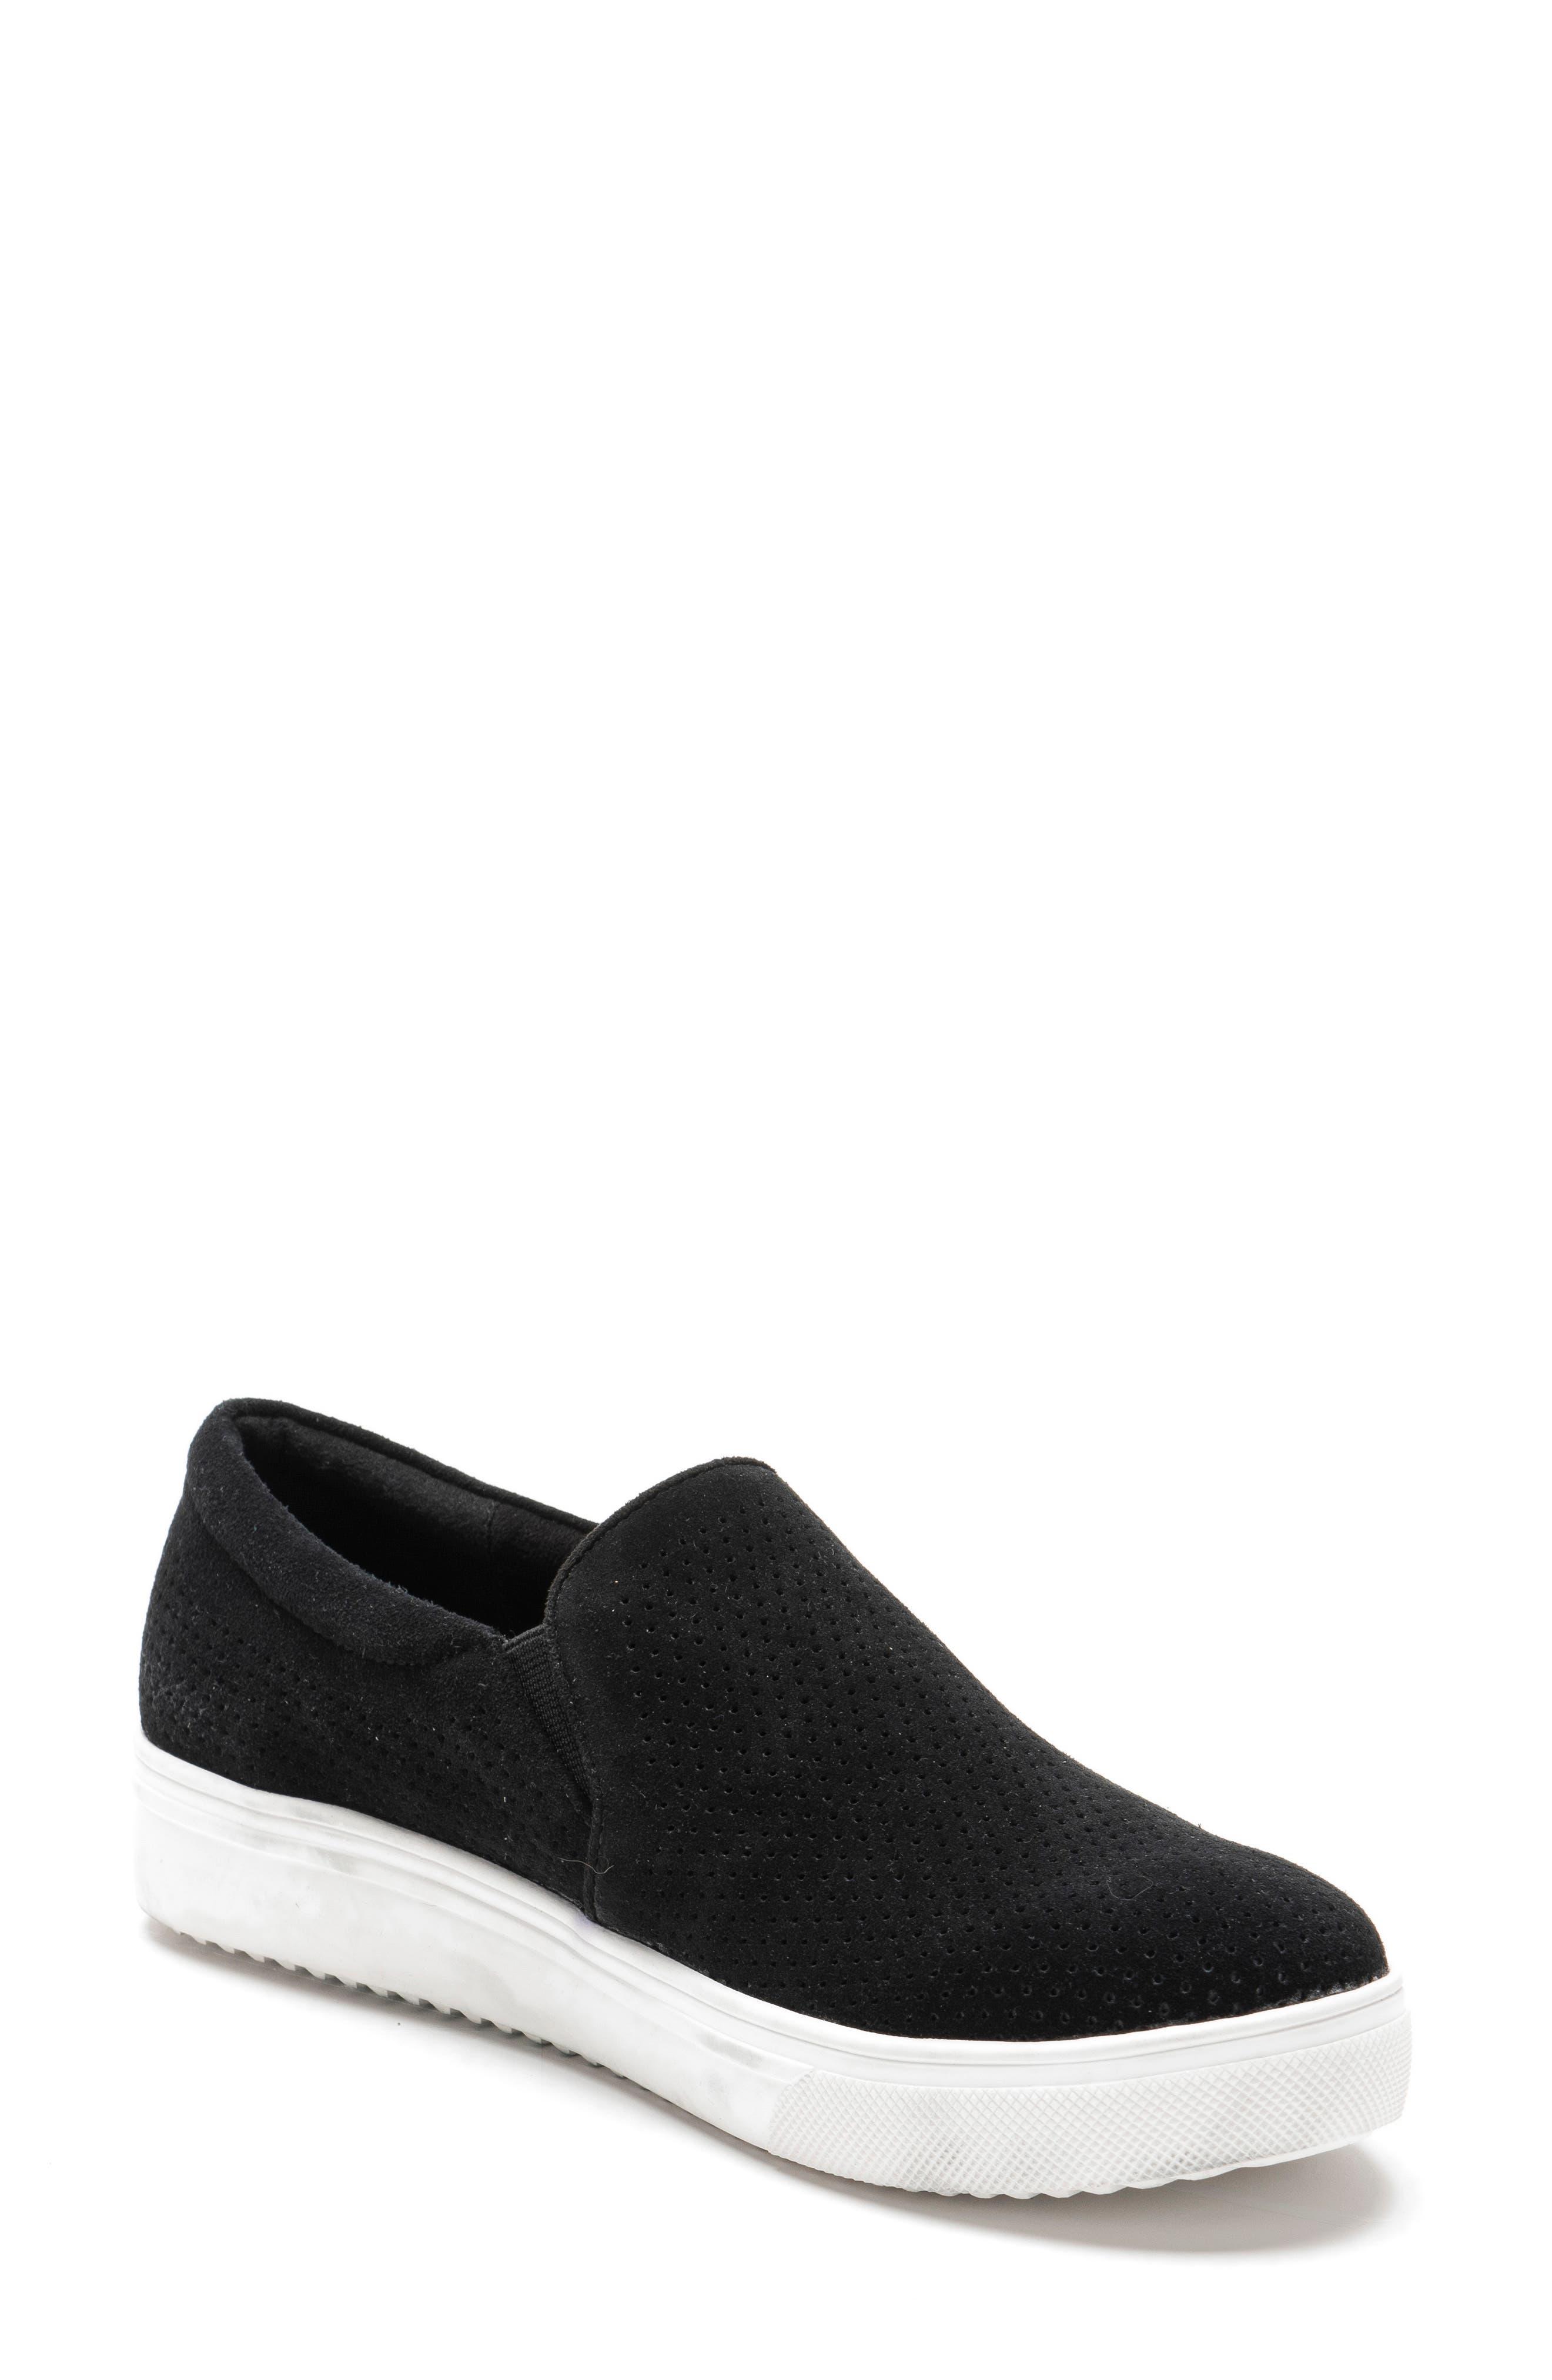 Blondo Gallert Perforated Waterproof Platform Sneaker- Black